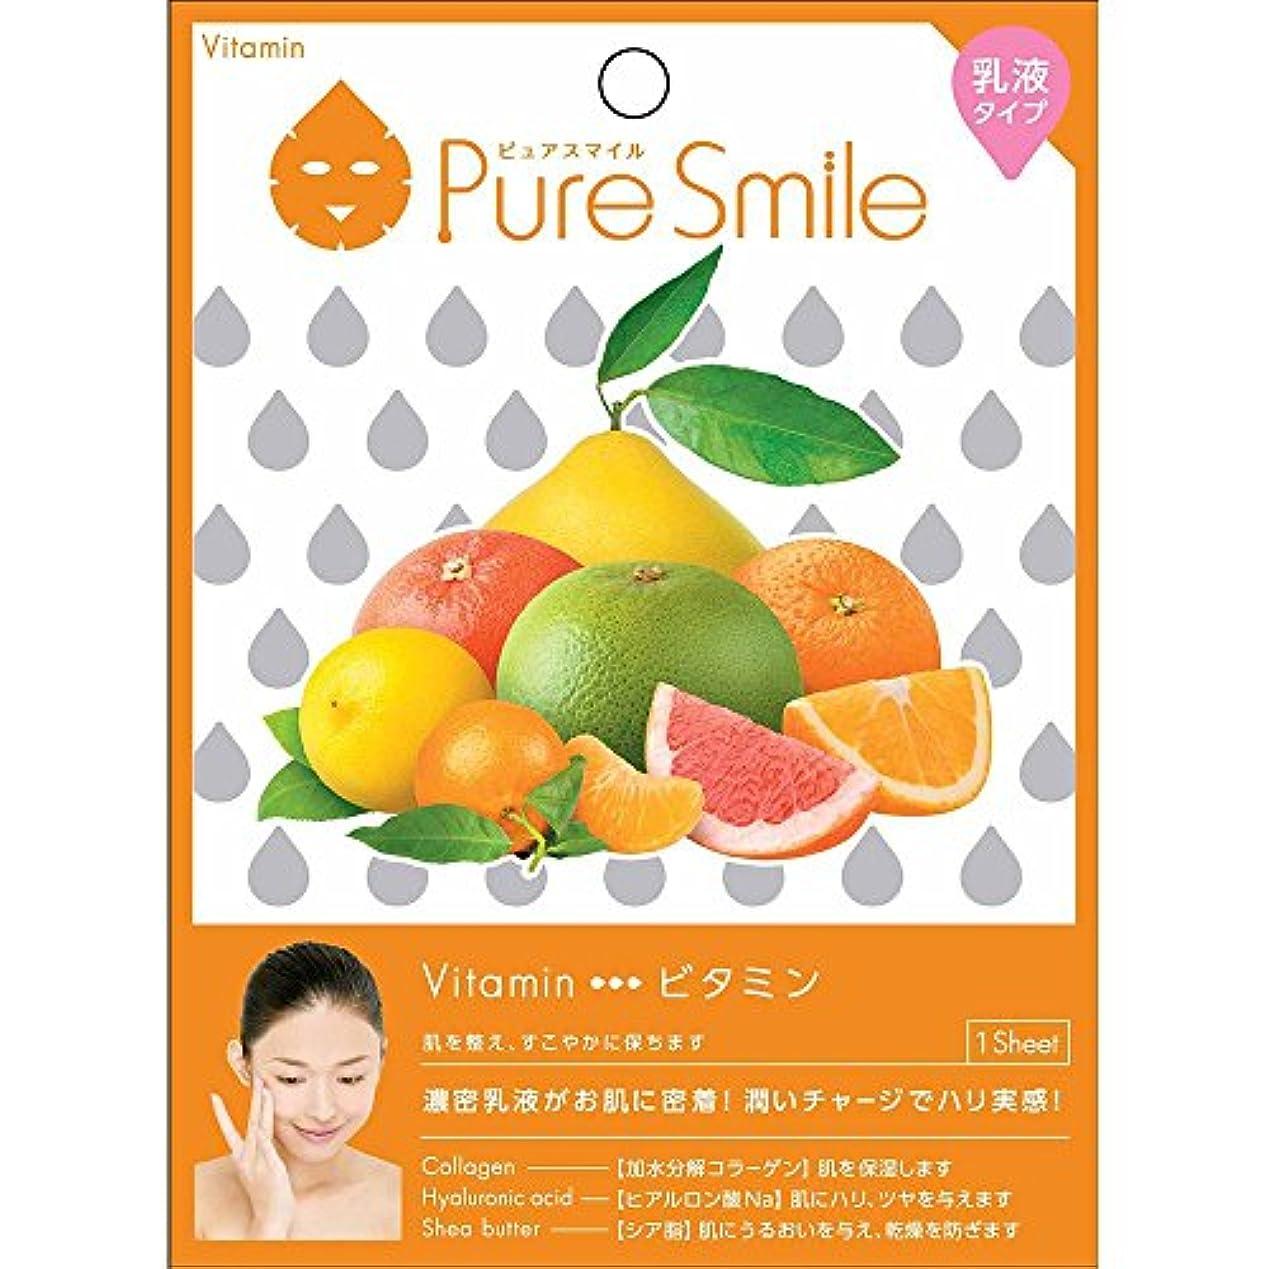 狂気七面鳥投げ捨てるPure Smile(ピュアスマイル) 乳液エッセンスマスク 1 枚 ビタミン